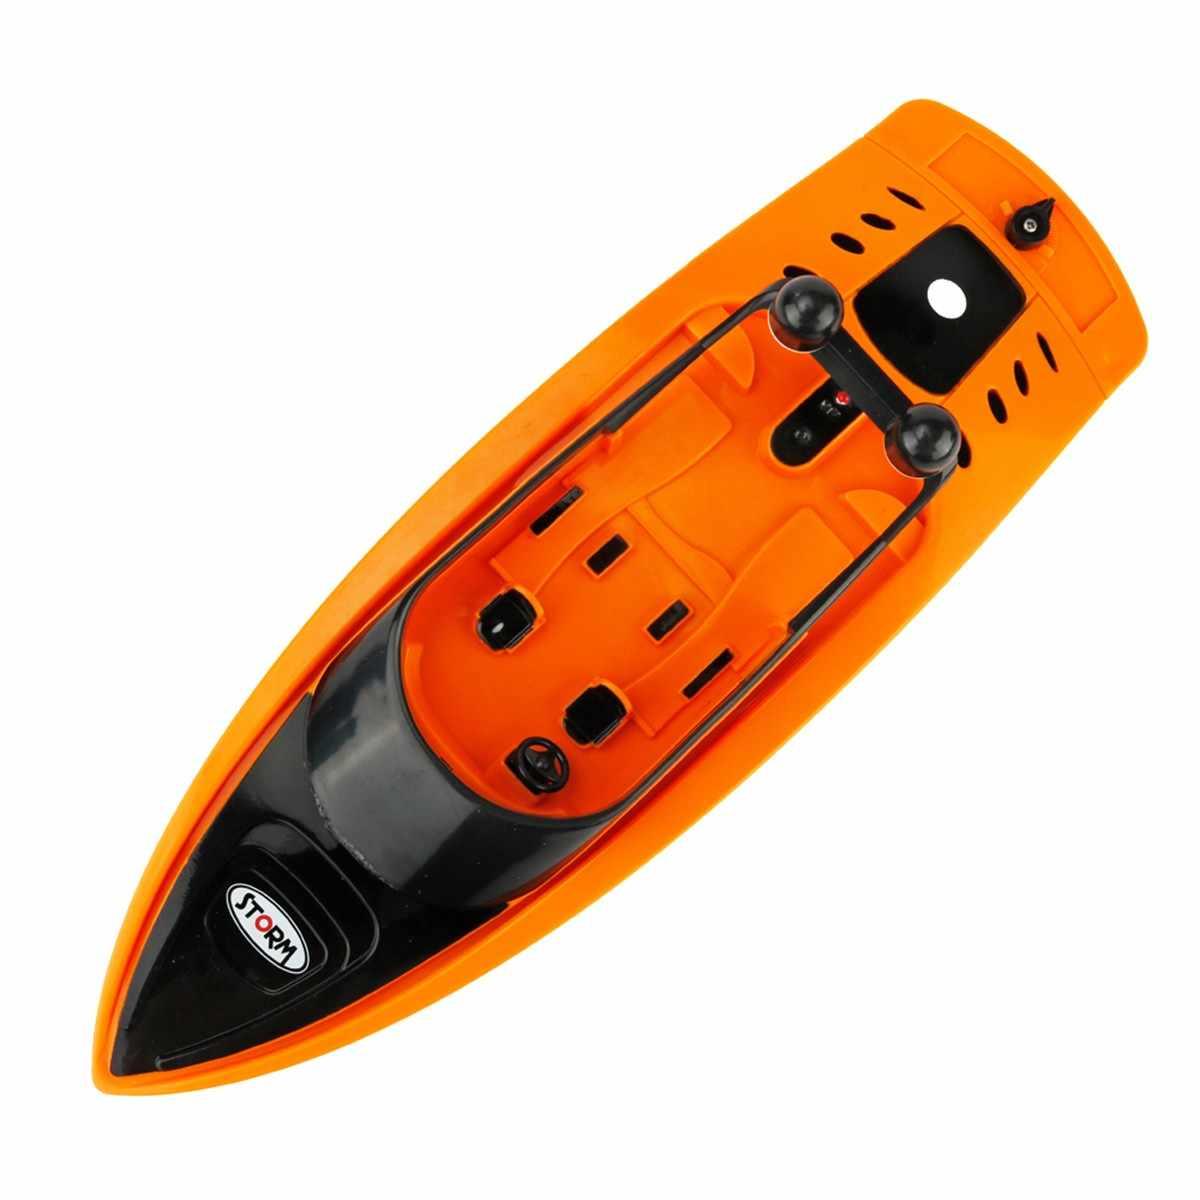 3323 zdalnie sterowana łódka rc 2.4G innowacyjnych dla dzieci basen z wodą zabawki 4-kanał wodoodporna elektryczny pilot zdalnego sterowania wyścigi łodzi motorowej